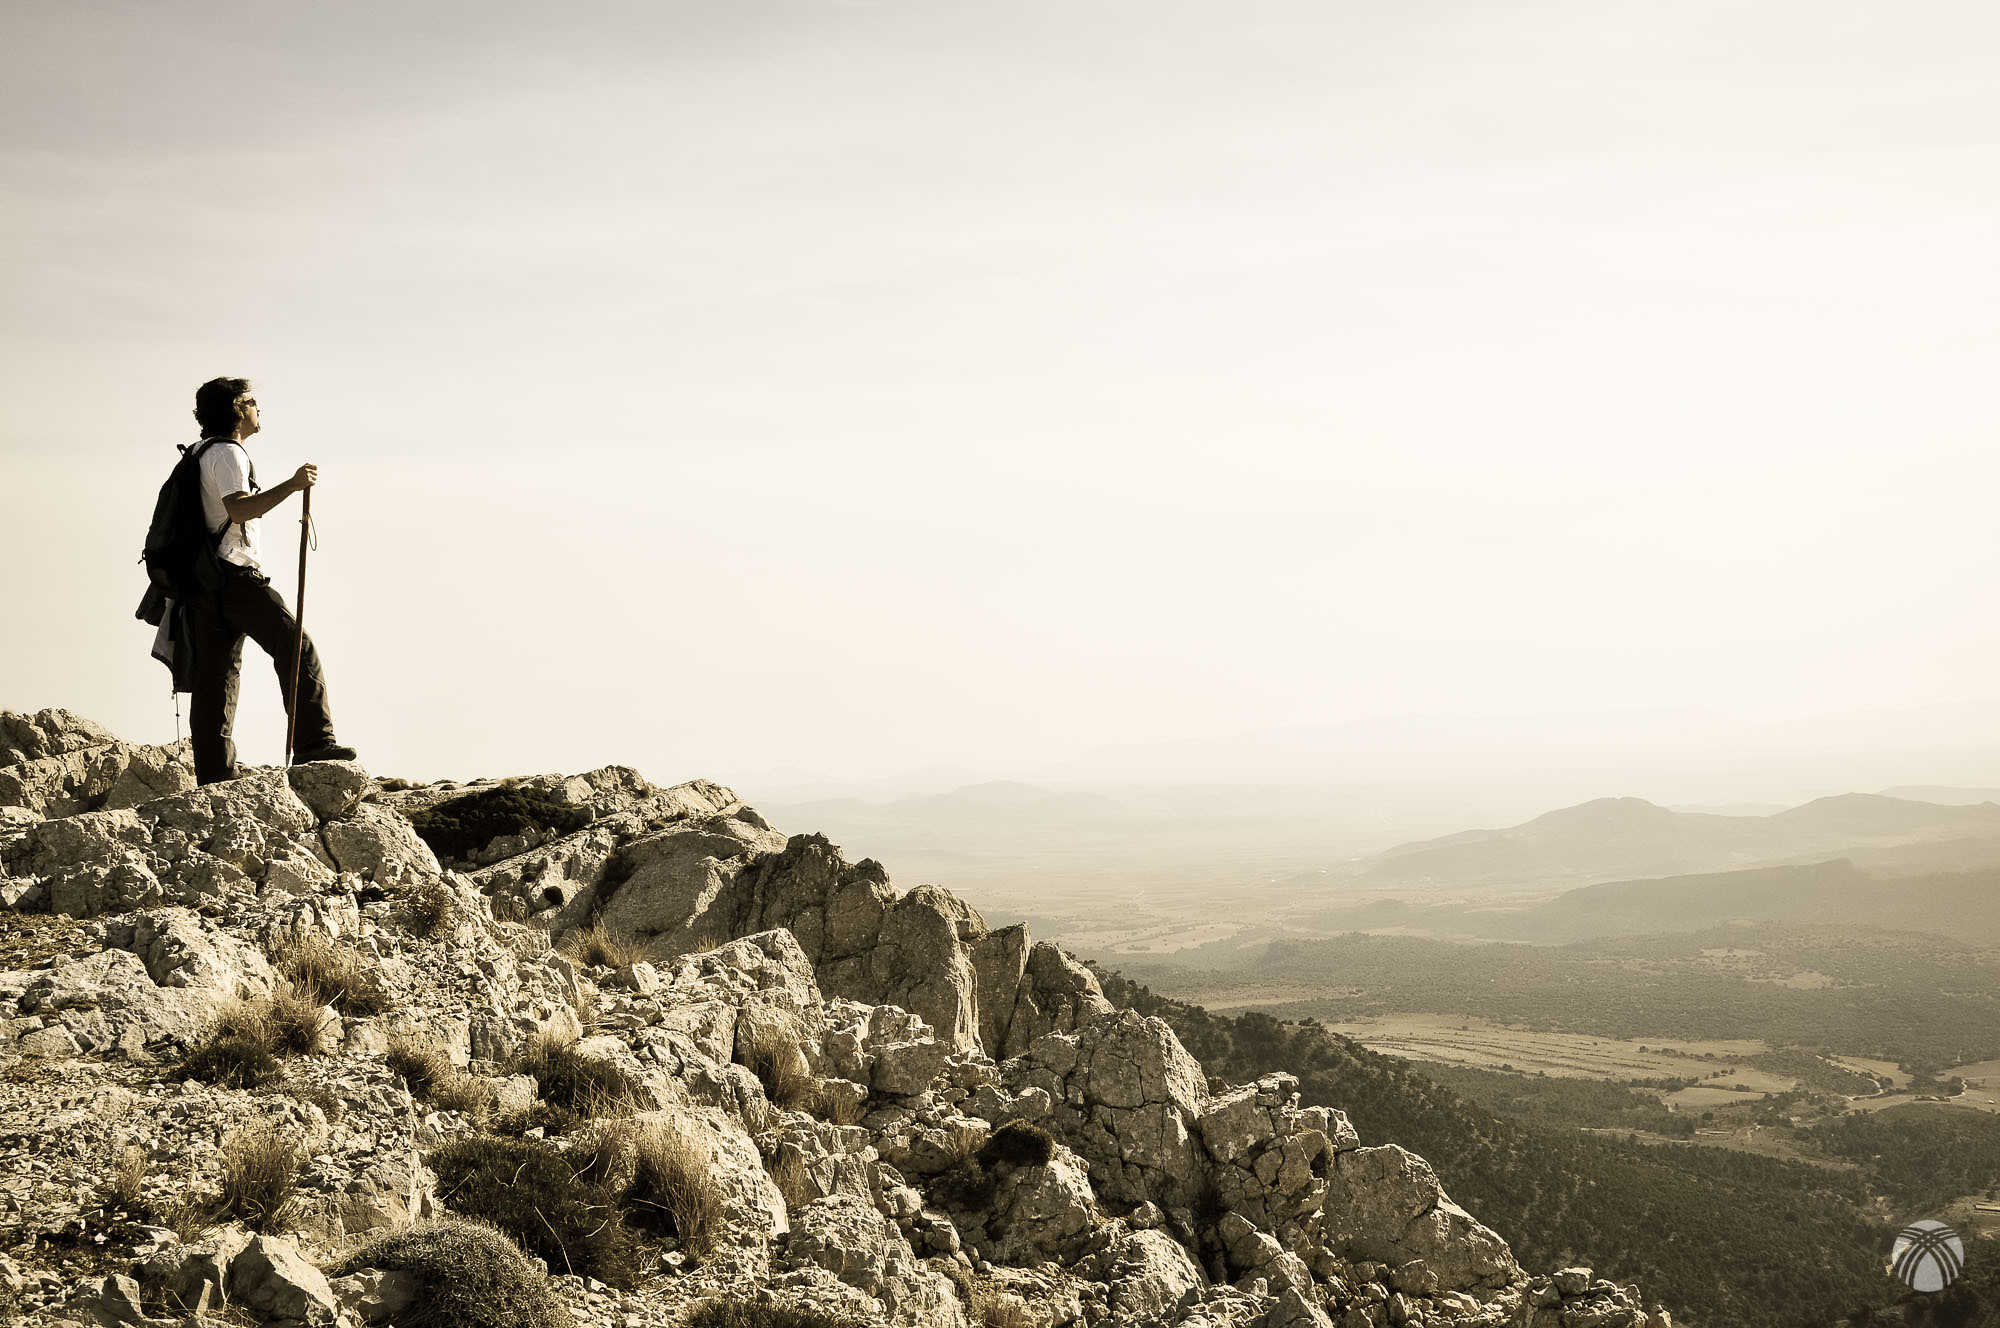 Miguel Ángel disfrutando del panorama